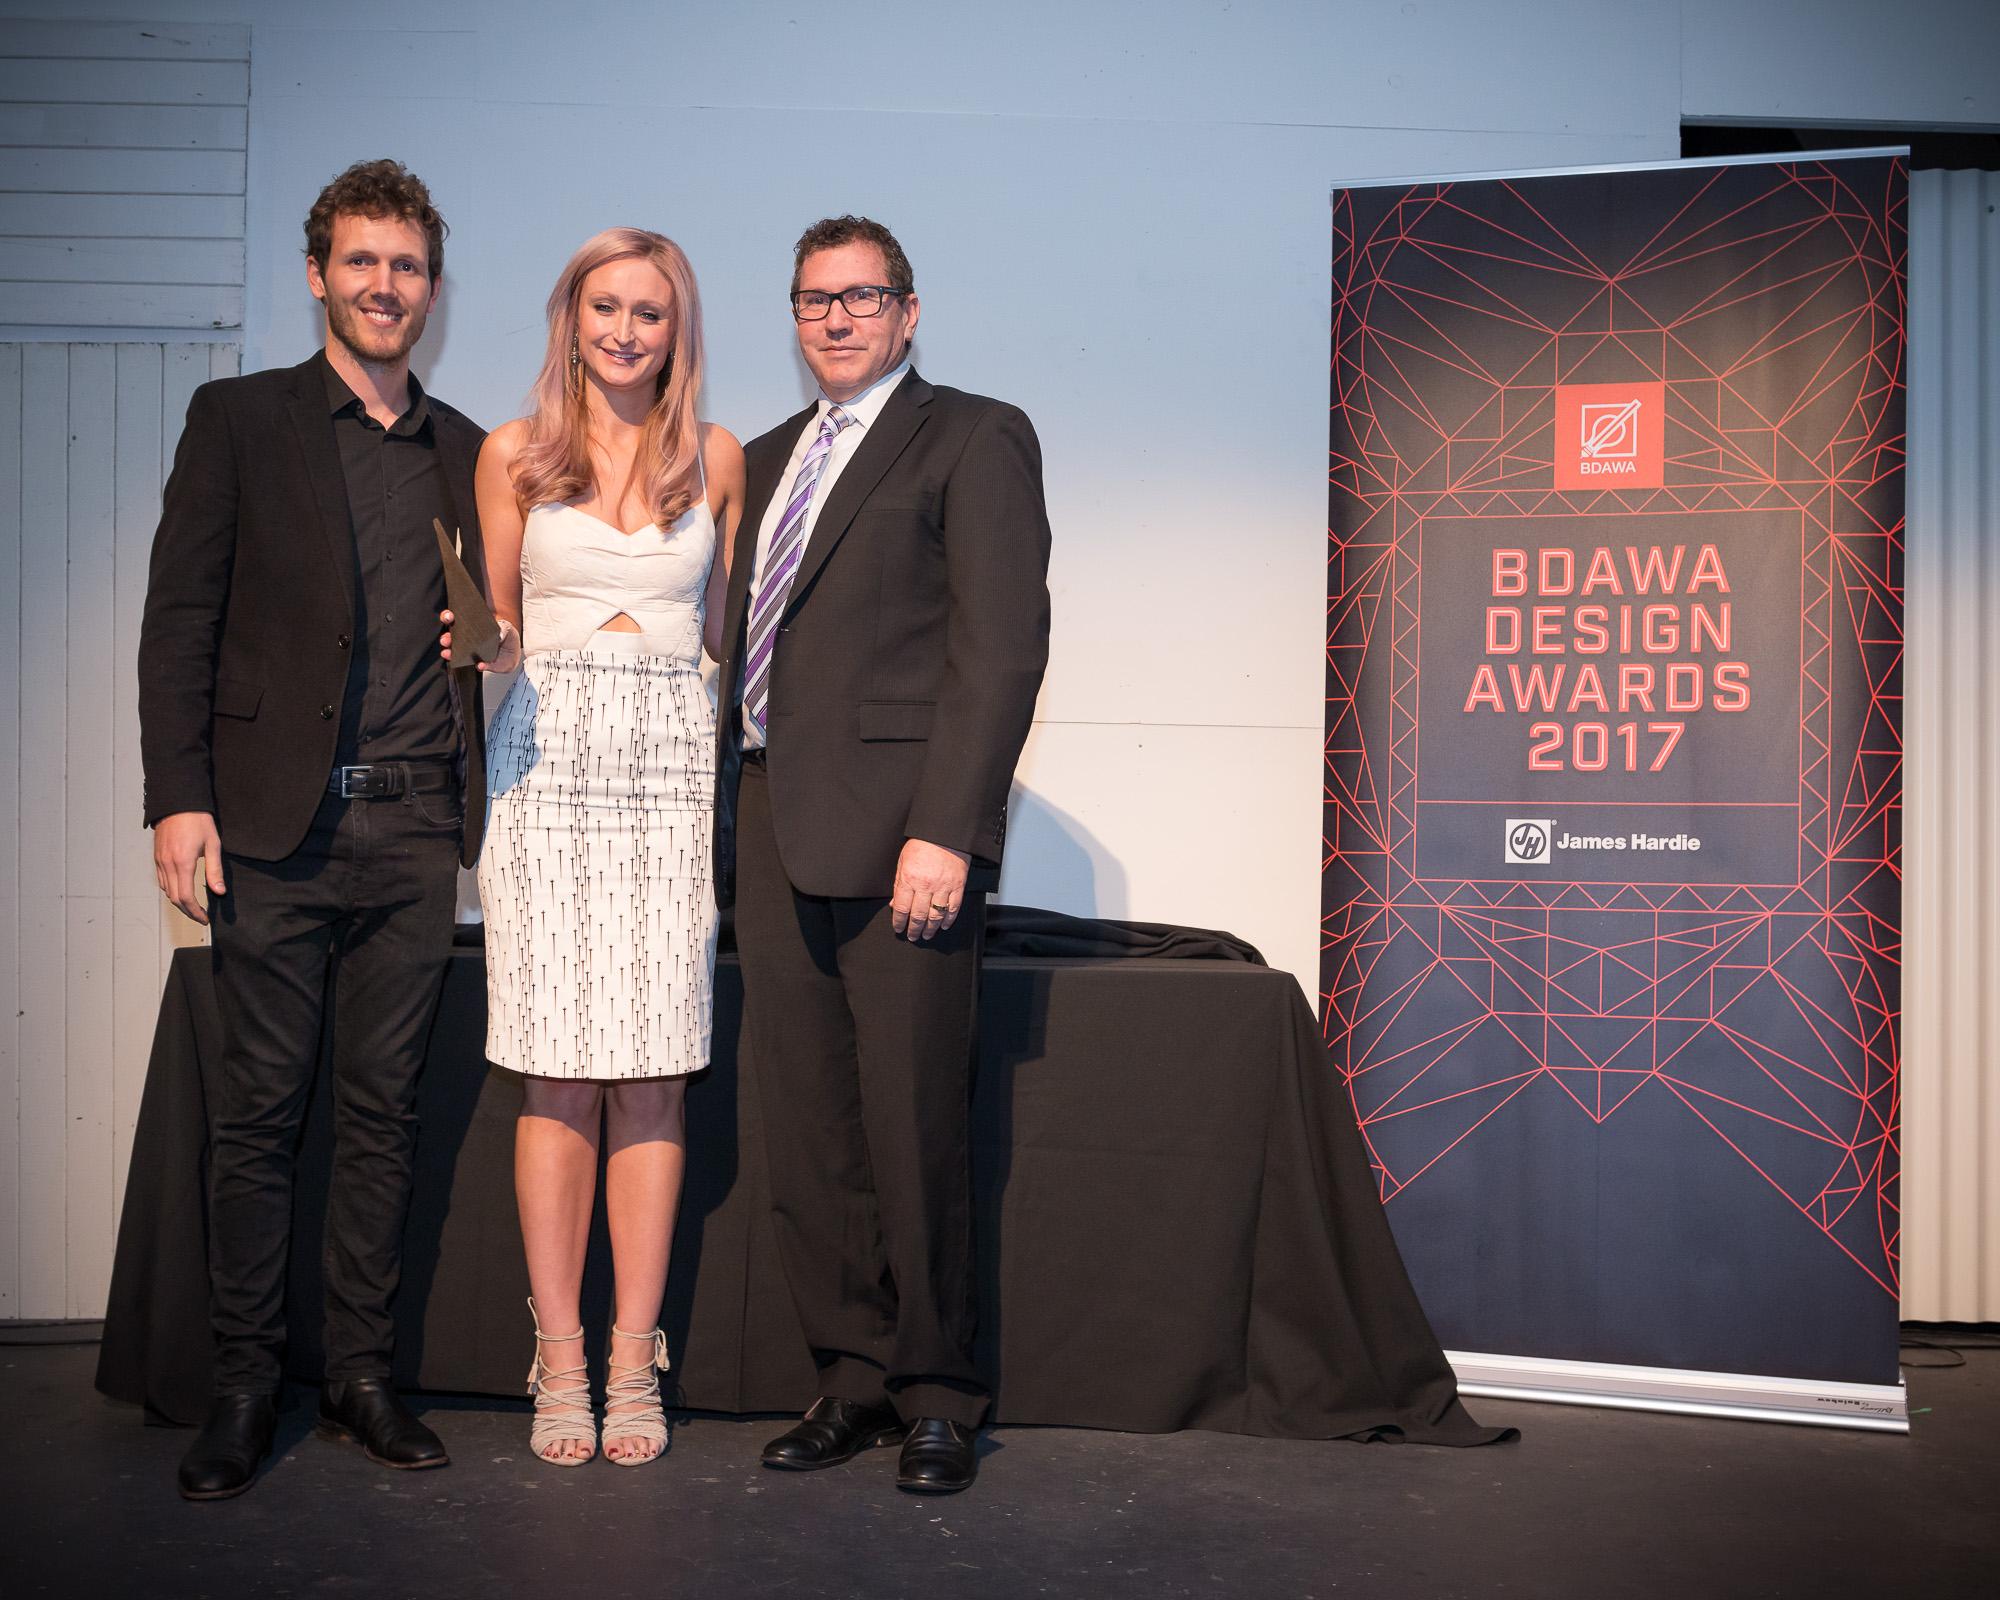 0195 BDA WA Awards 2017 _JHG7500.jpg